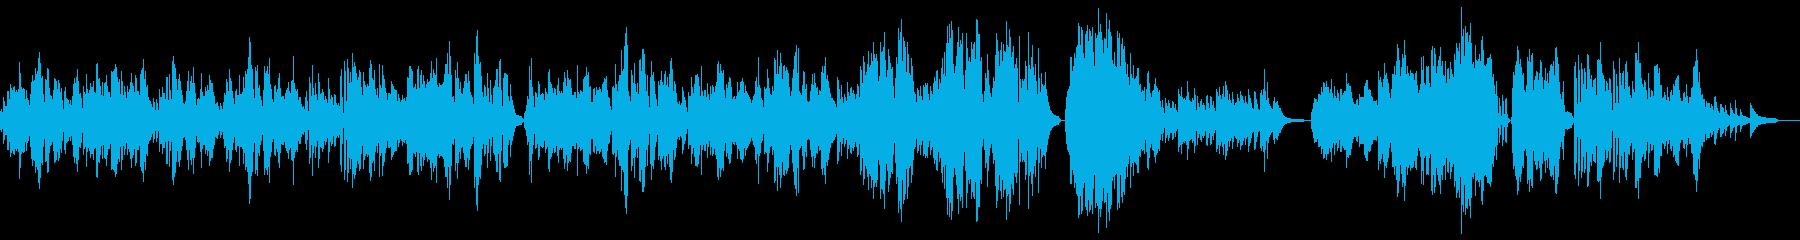 クラシックのワルツです。ソロピアノ曲。の再生済みの波形